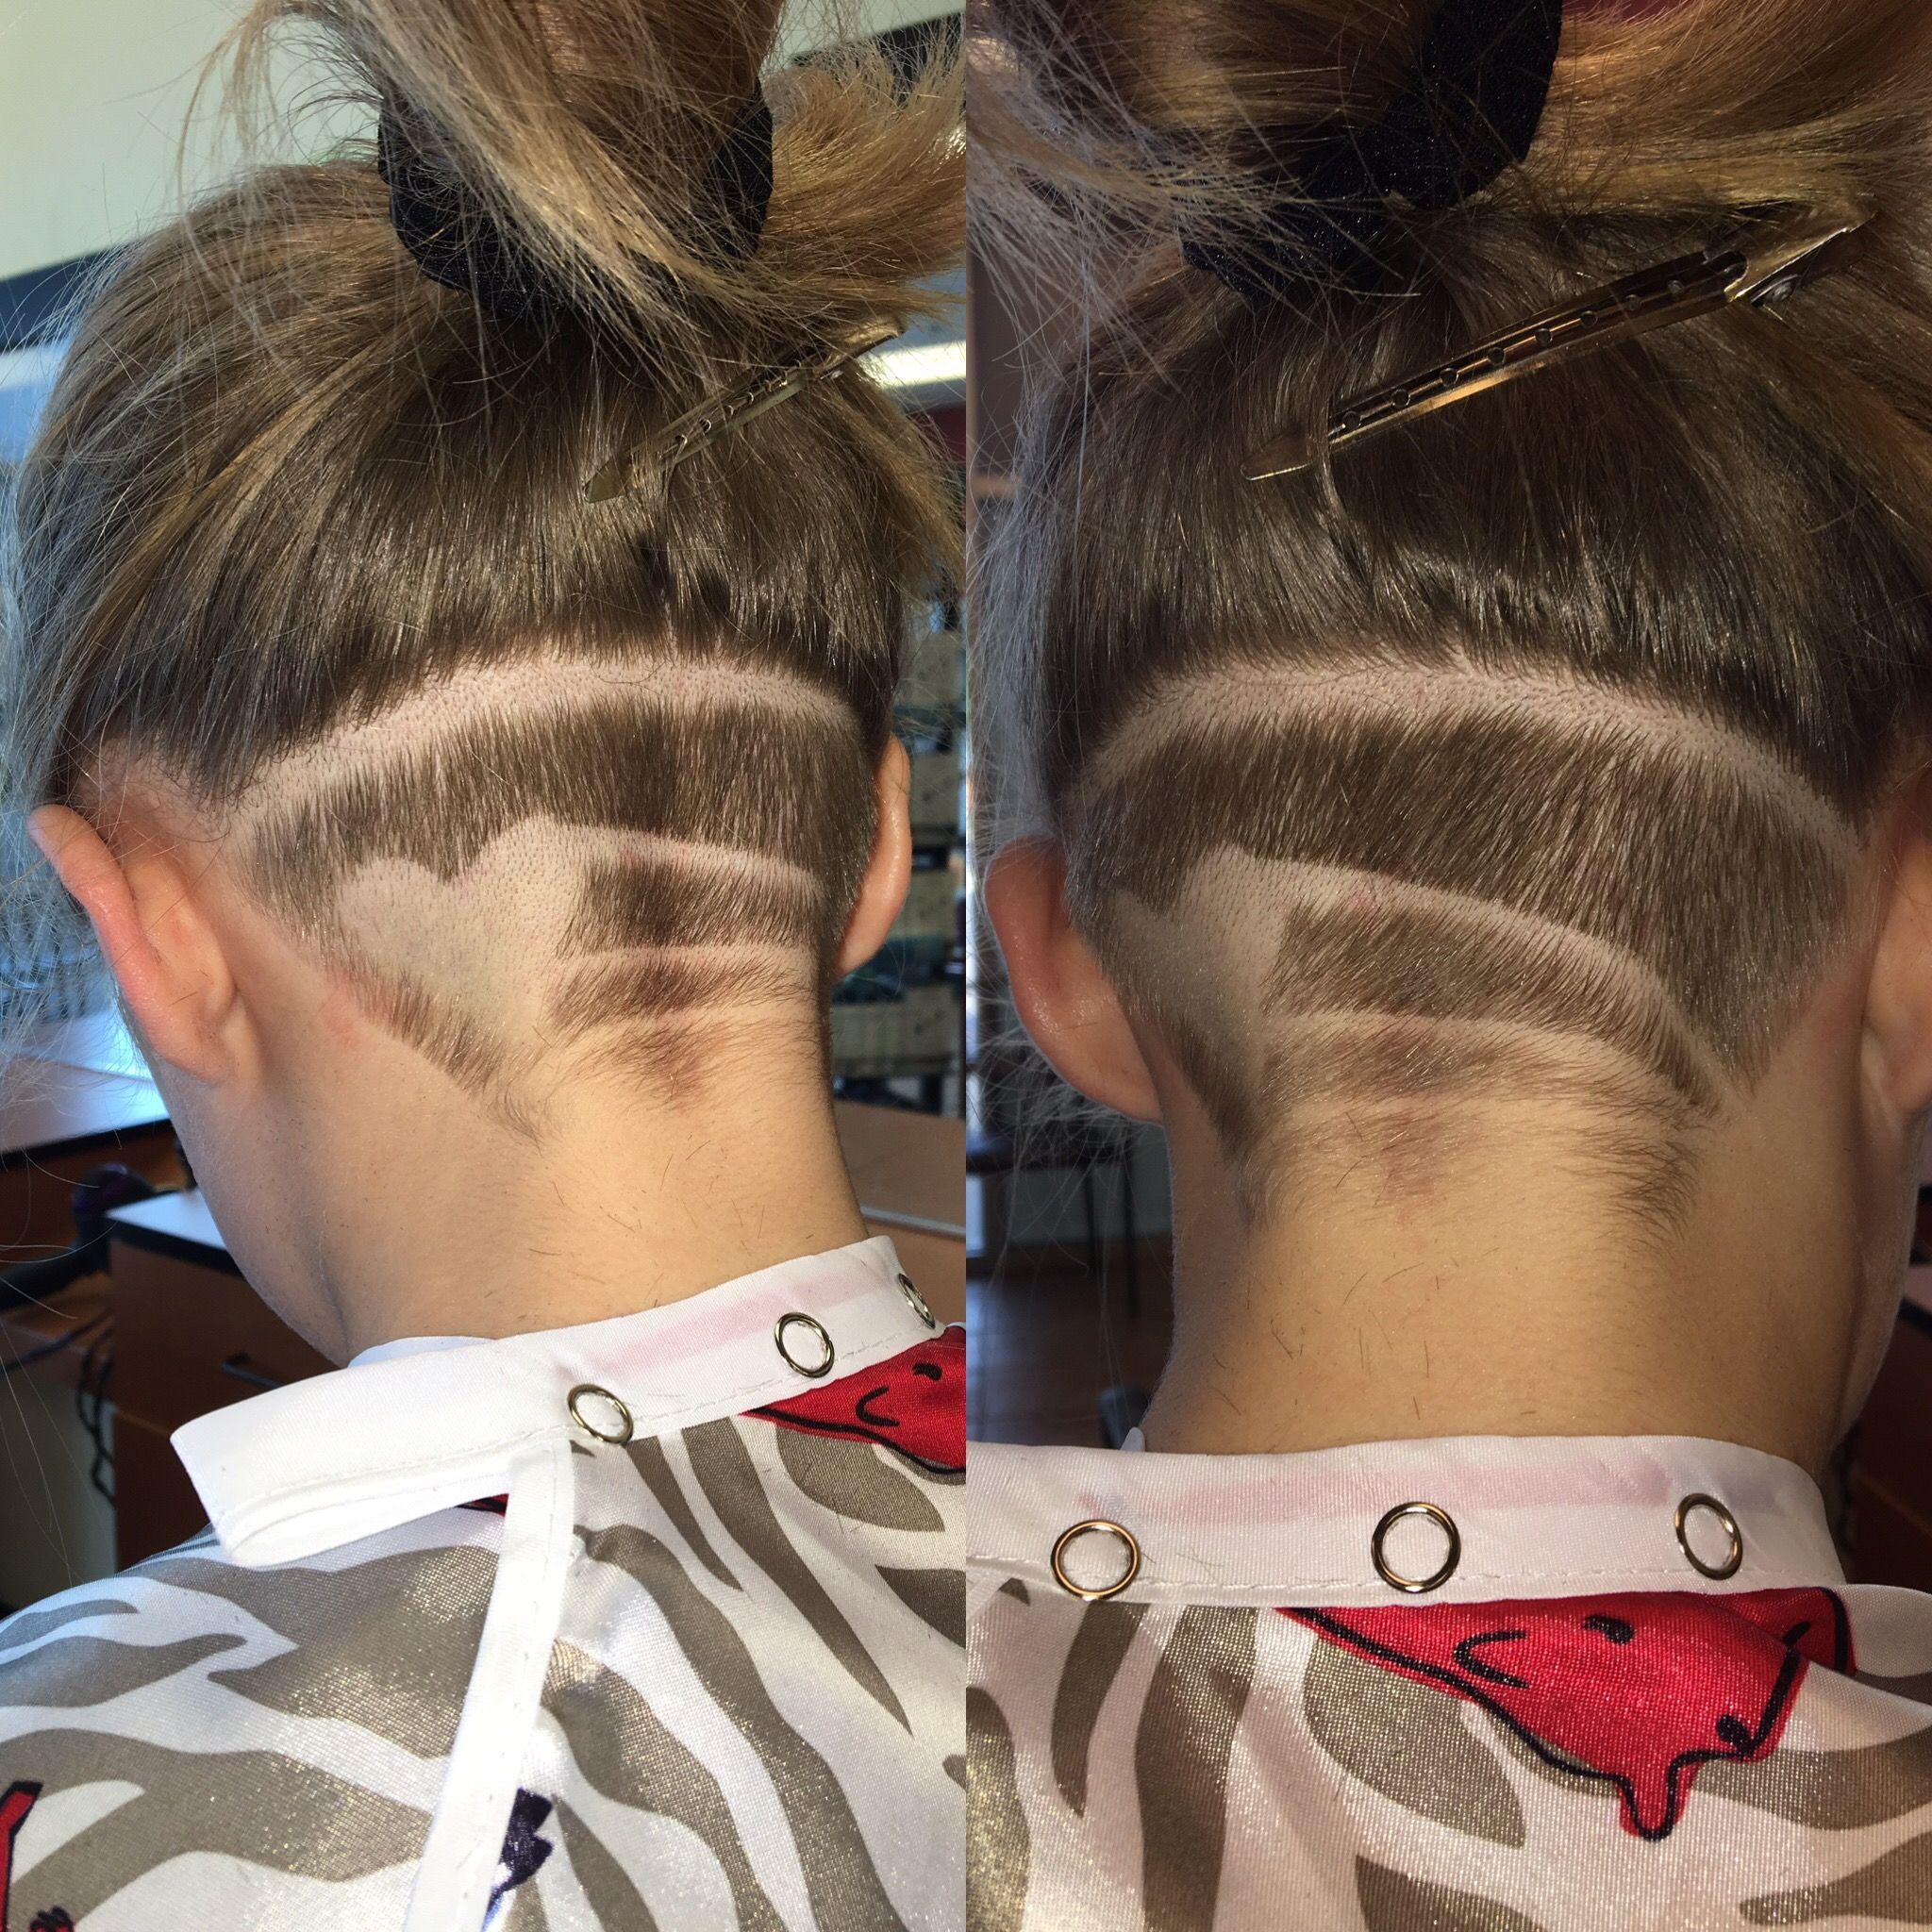 heart undercut haircut design   hair tattoos in 2019   hair